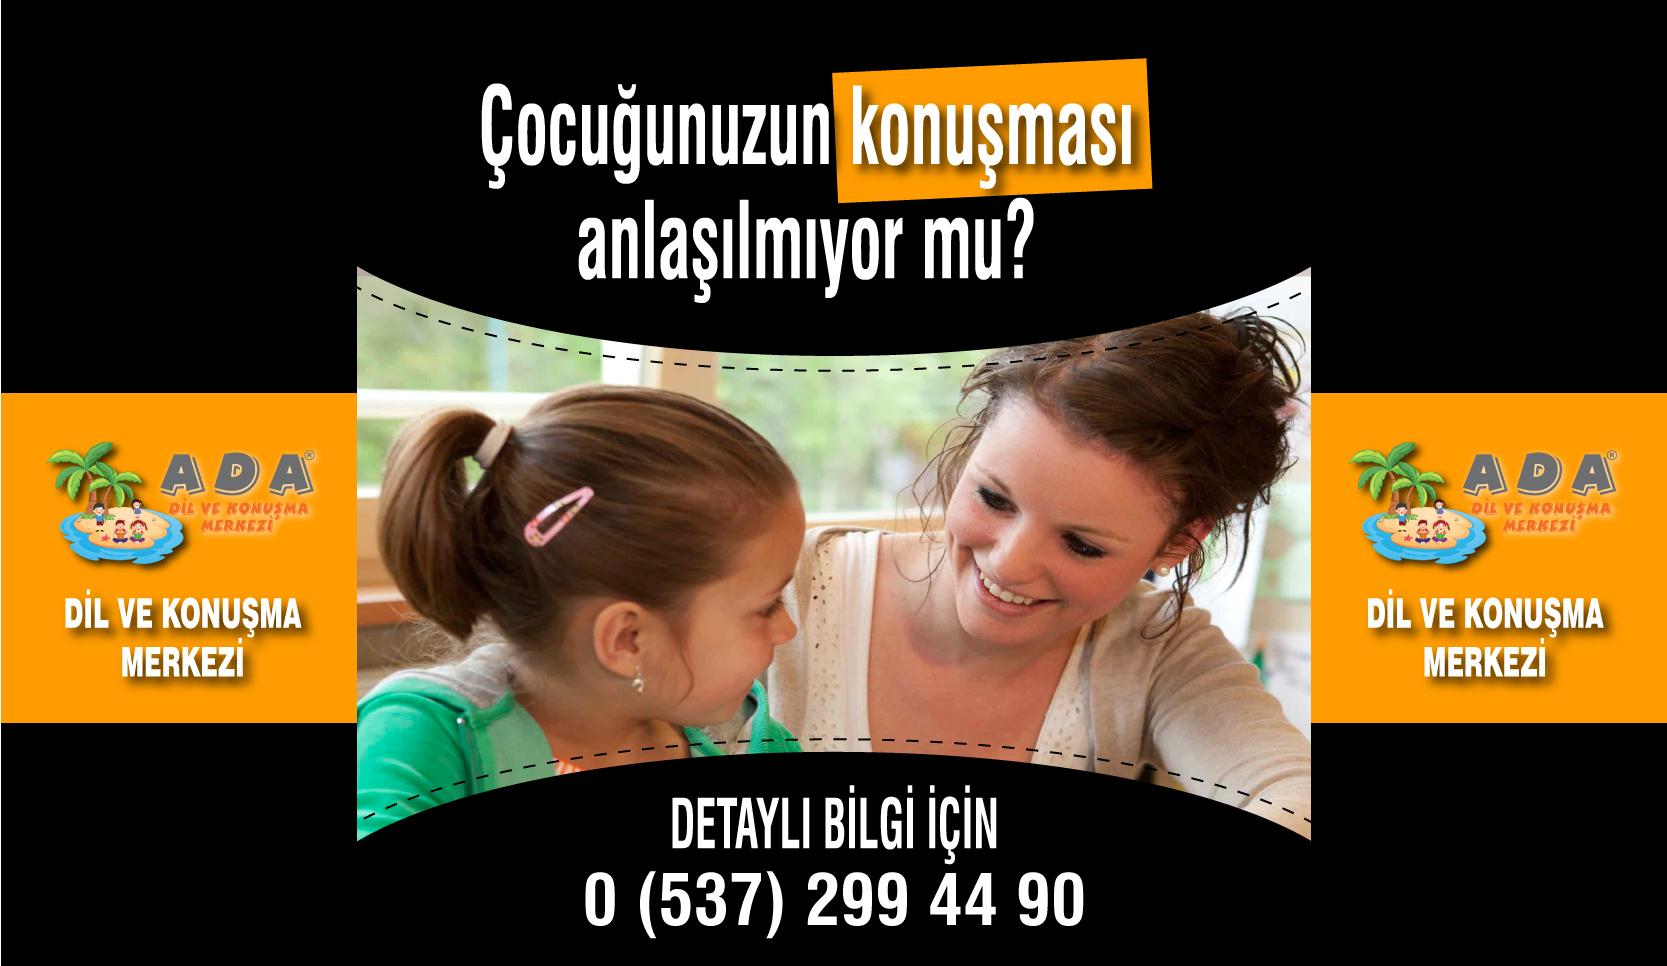 Dil Terapi Merkezi Çiğli